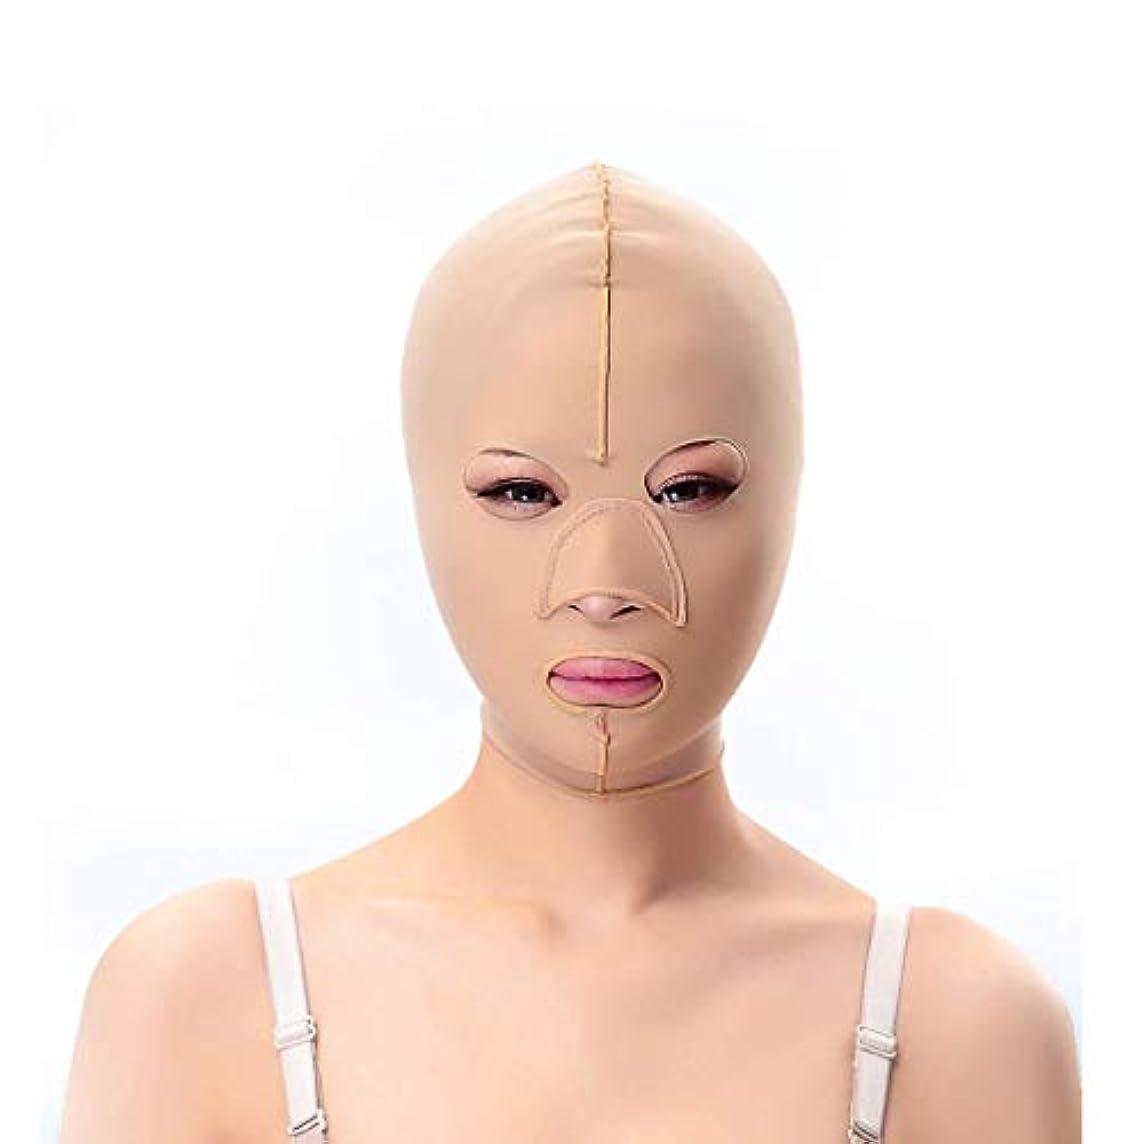 酔った堀摘むスリミングベルト、二重あごの引き締め顔のプラスチックフェイスアーティファクト強力なフェイス包帯を脇に持ち上げるパターンを欺くためのフェイシャルマスクシンフェイスマスク(サイズ:L),ザ?